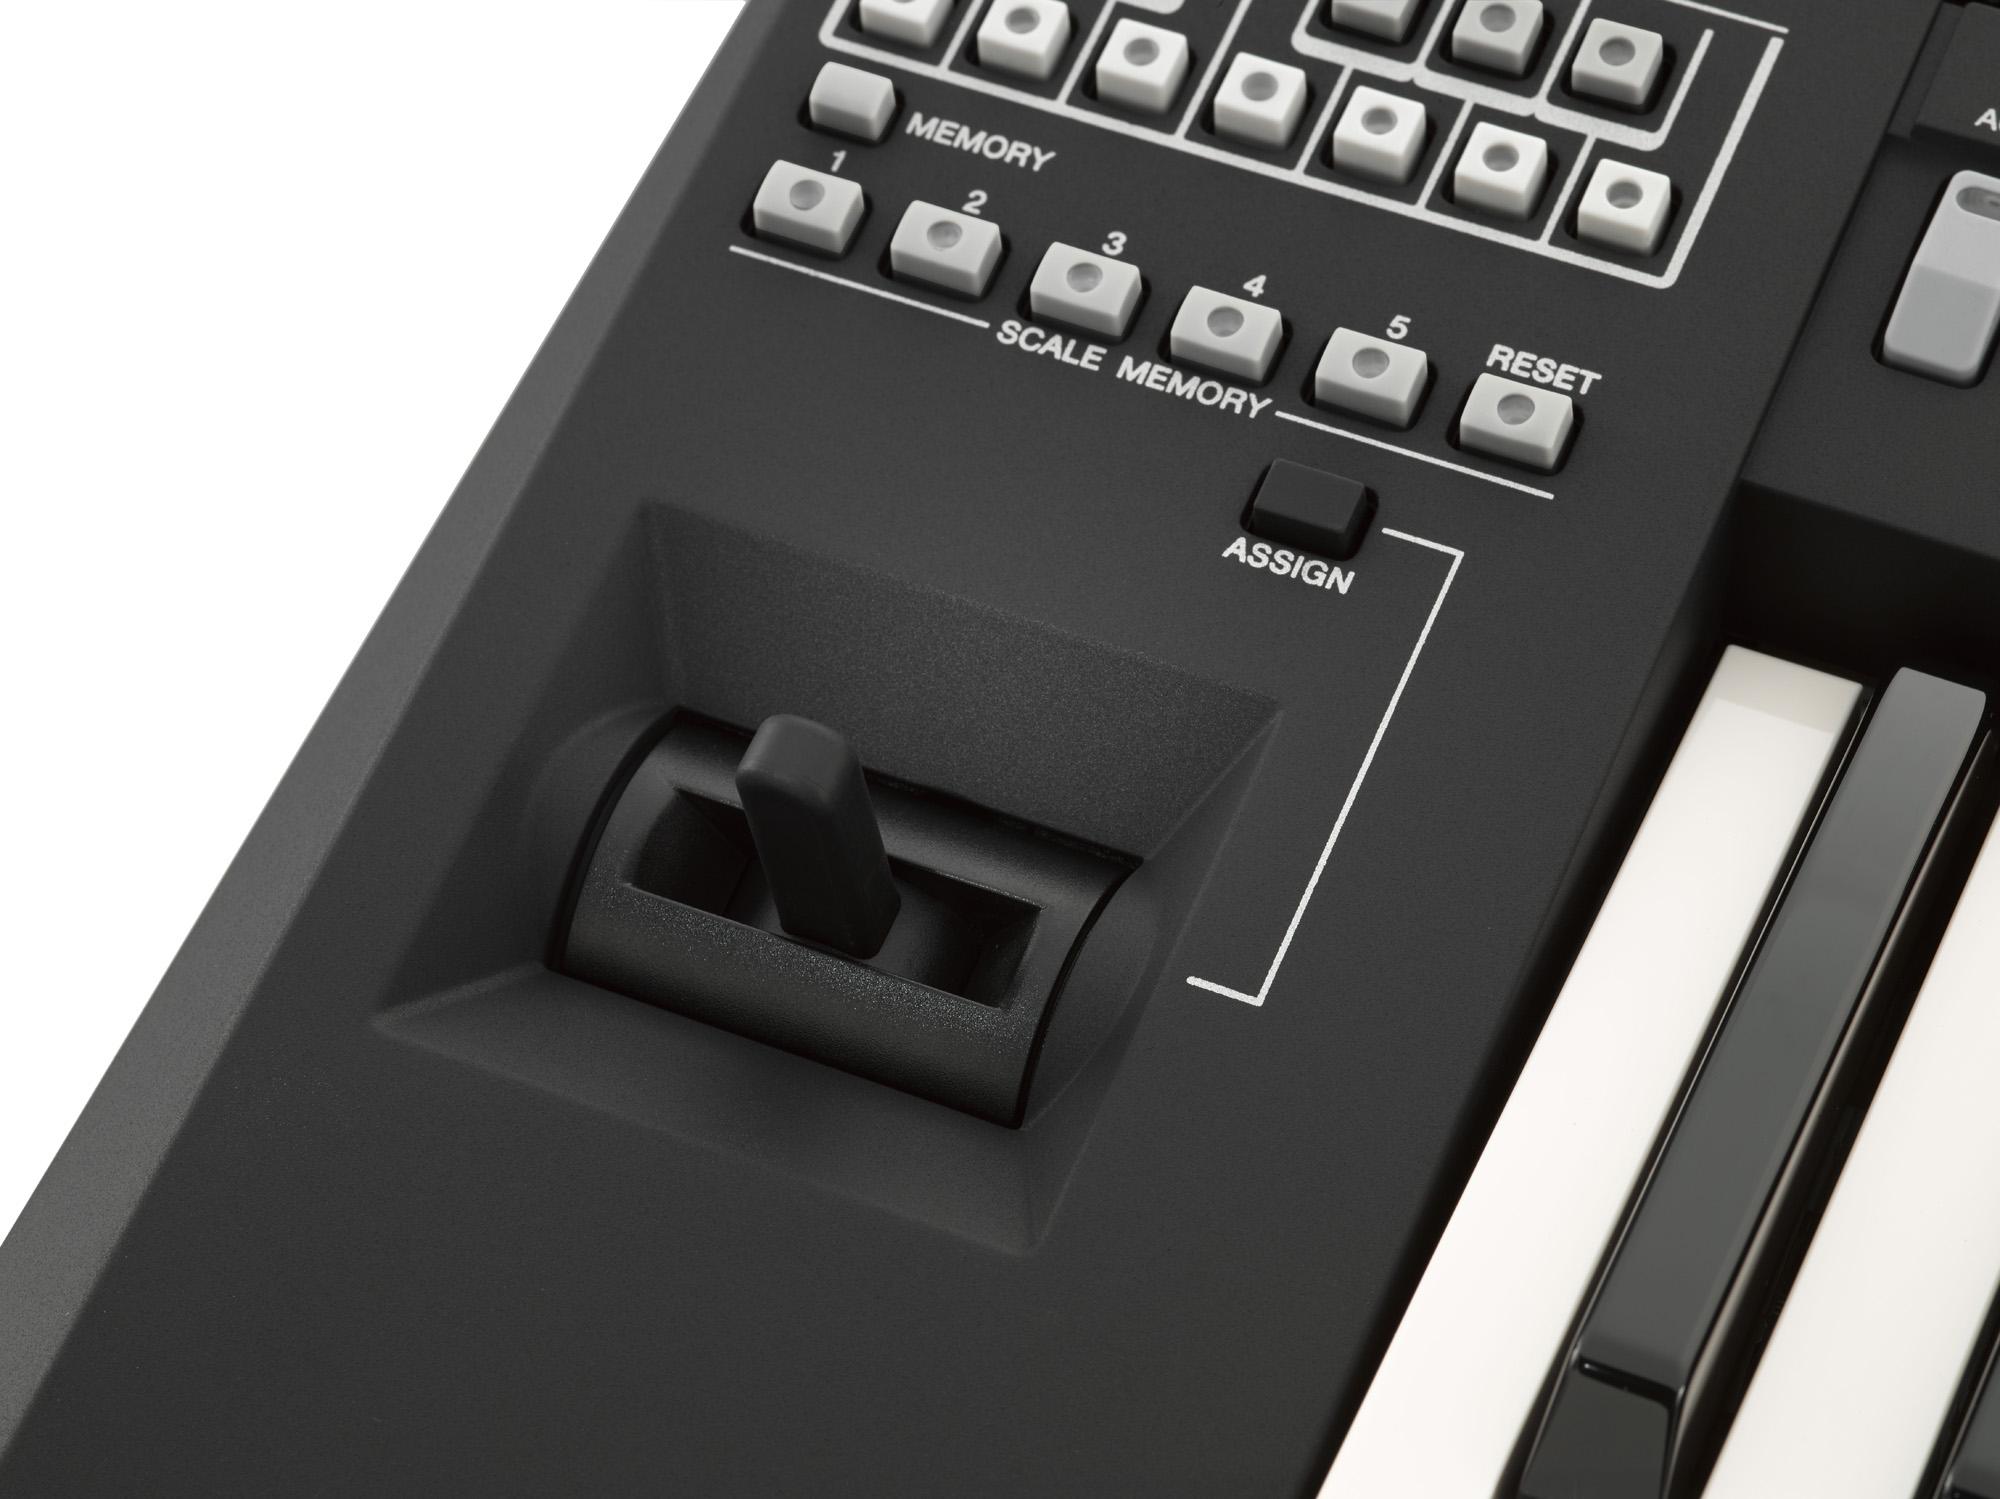 Micros Keyboard Workstation 270 : yamaha psr a3000 arranger workstation keyboard specialising in oriental voices and ultimate tone ~ Hamham.info Haus und Dekorationen